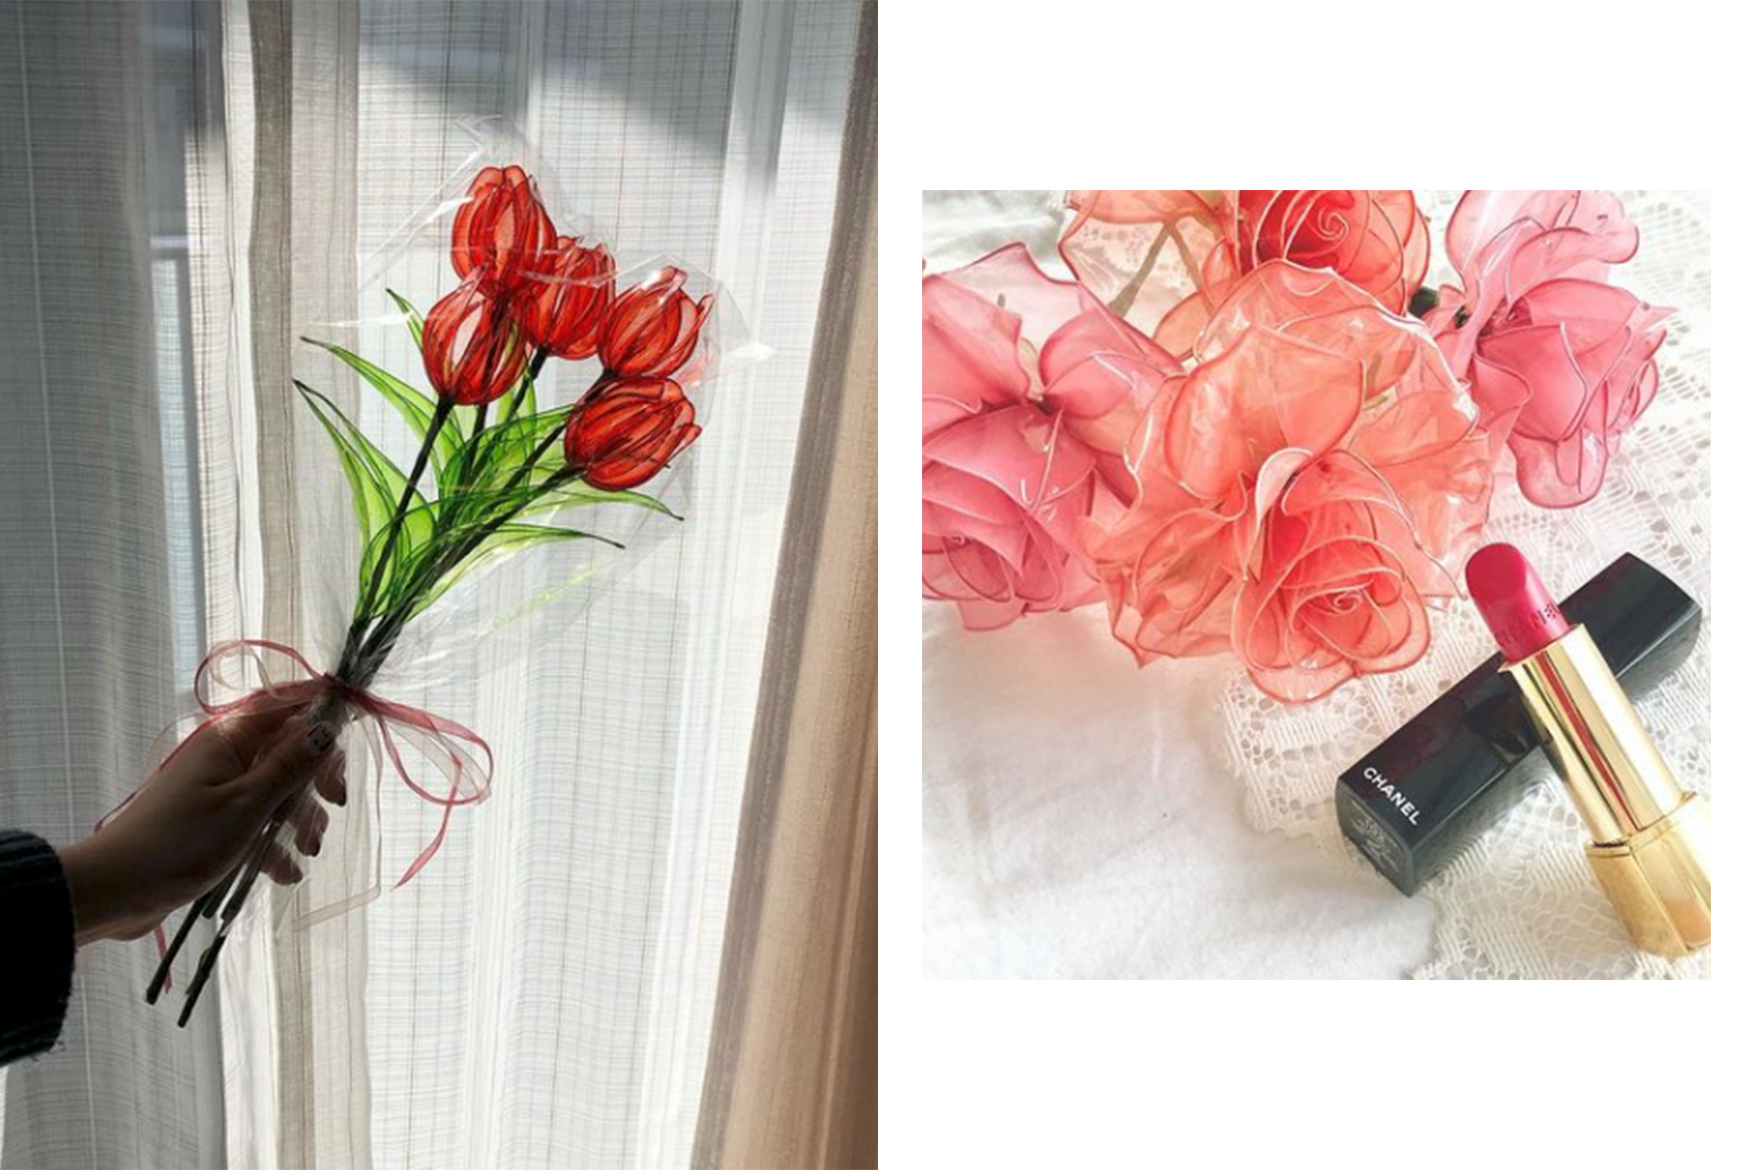 japanese instagram hit uv dip art wire flowers home decor